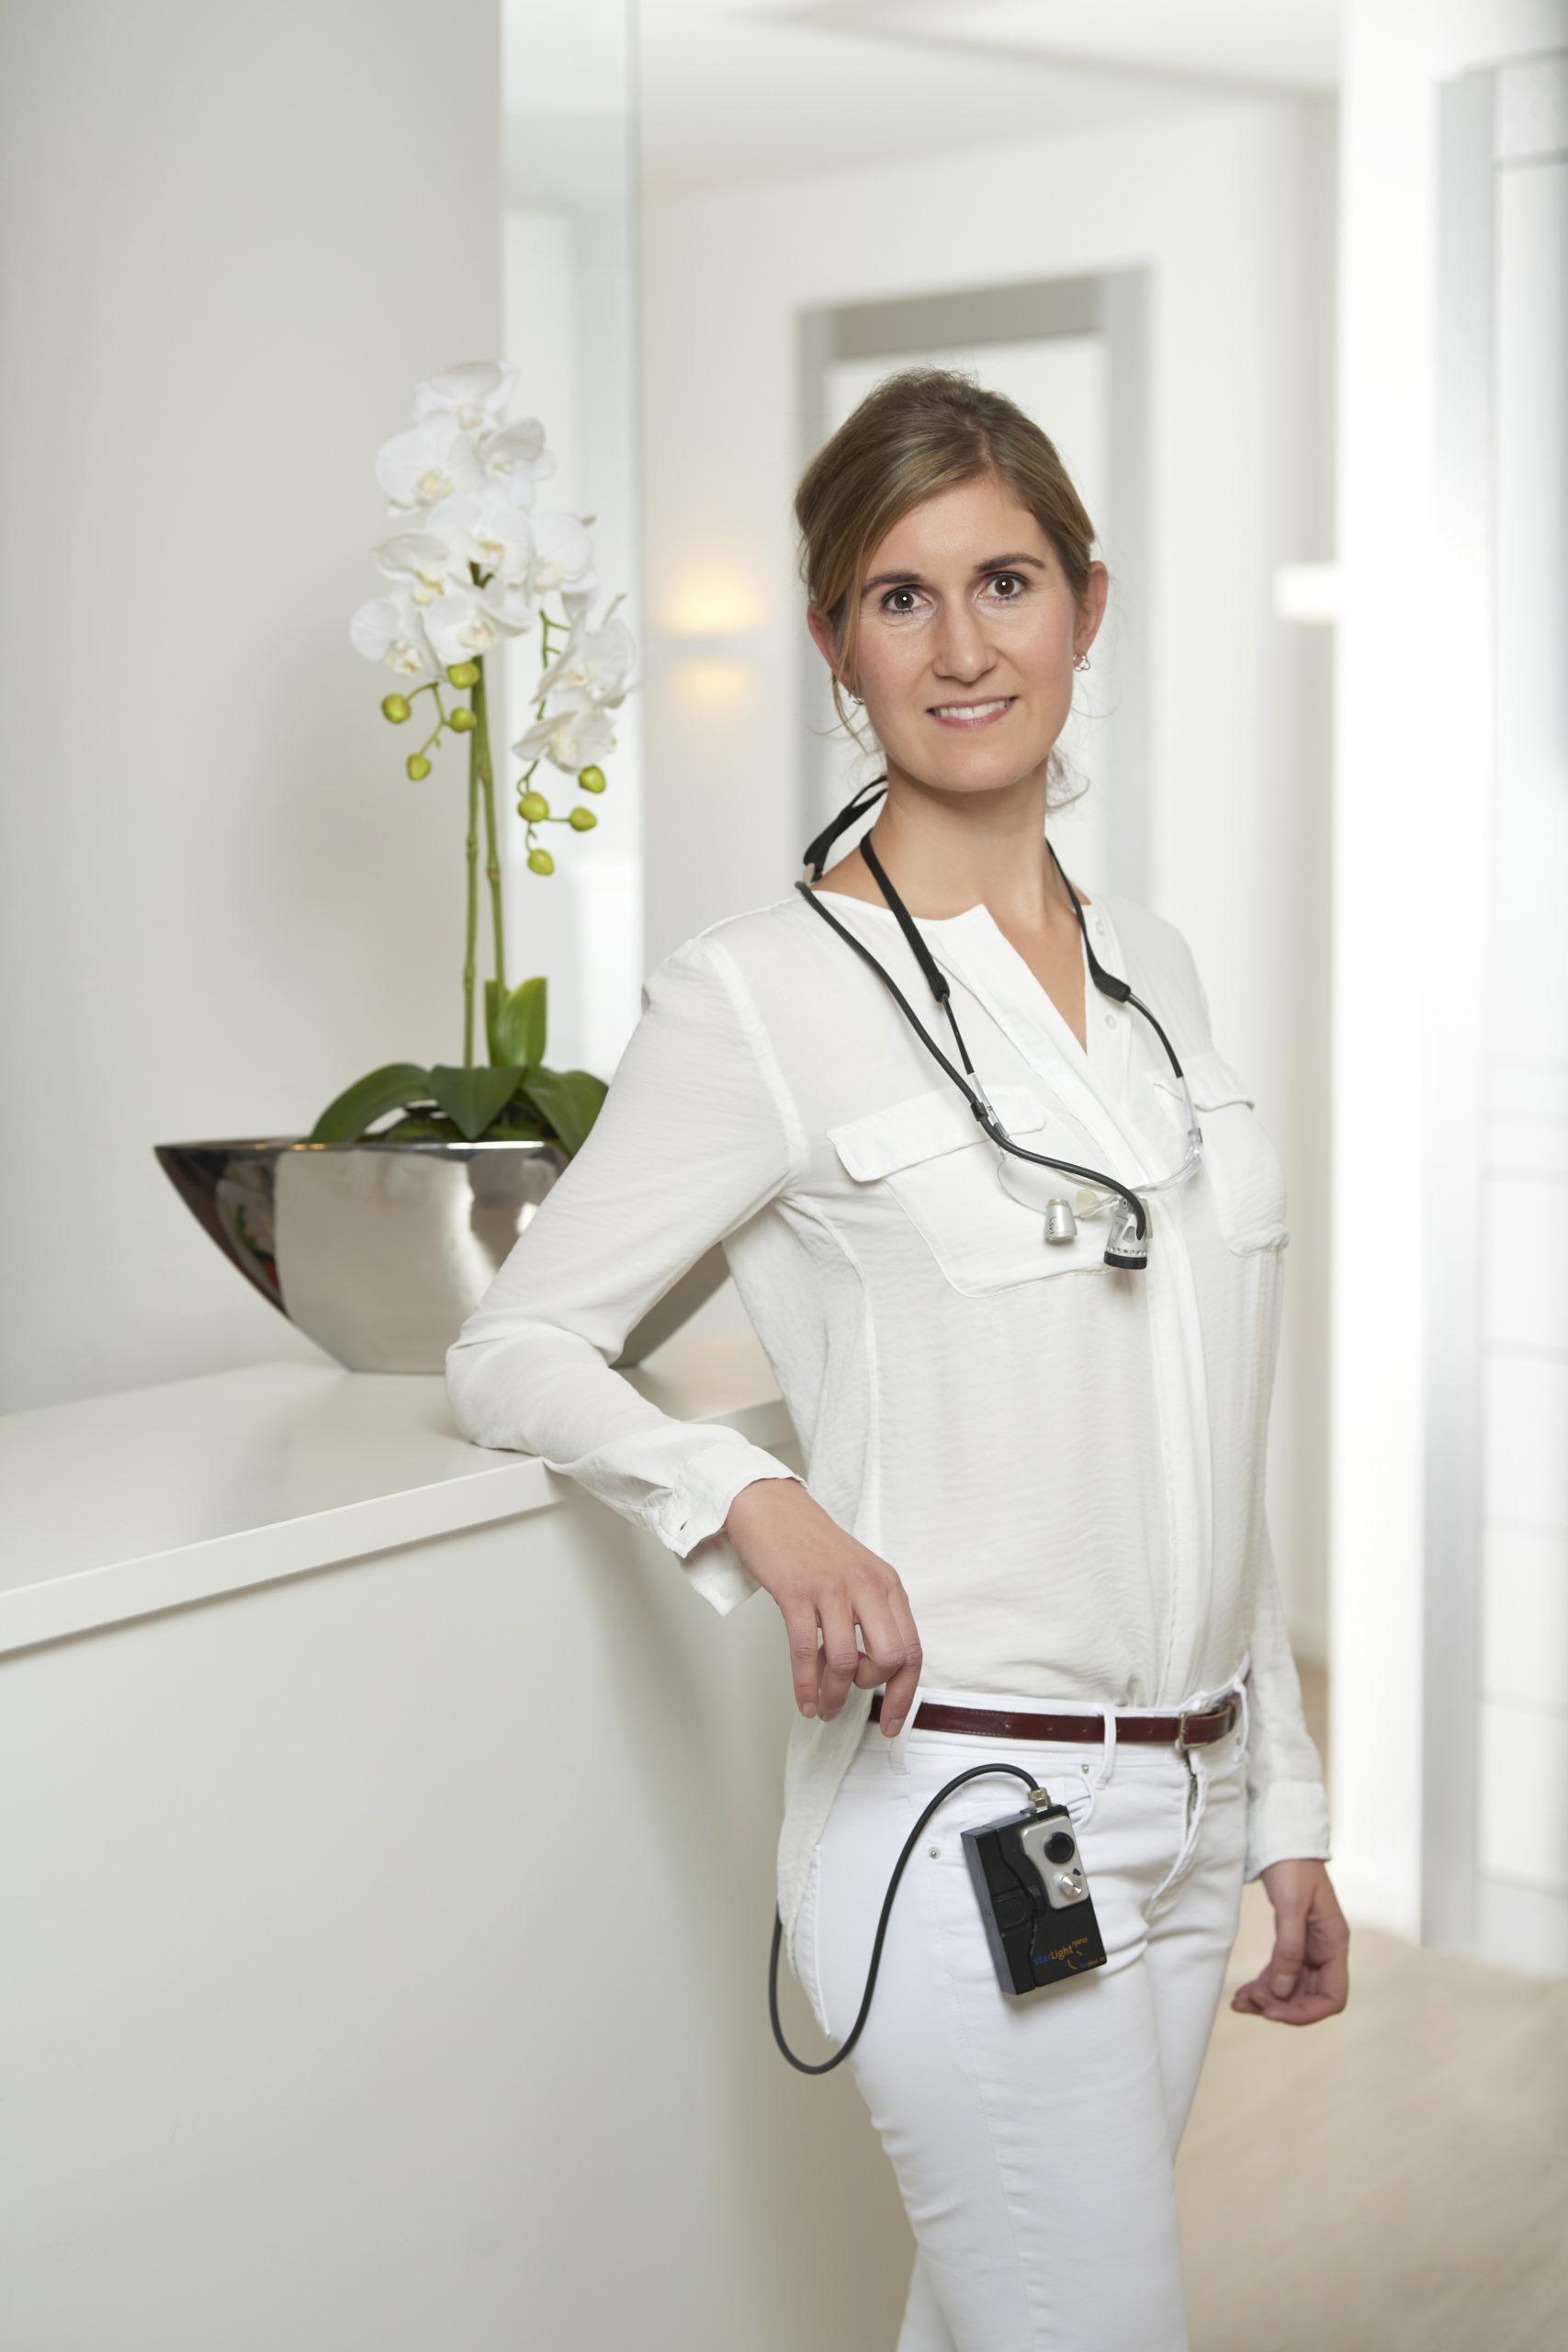 Dr. Tina Hagen